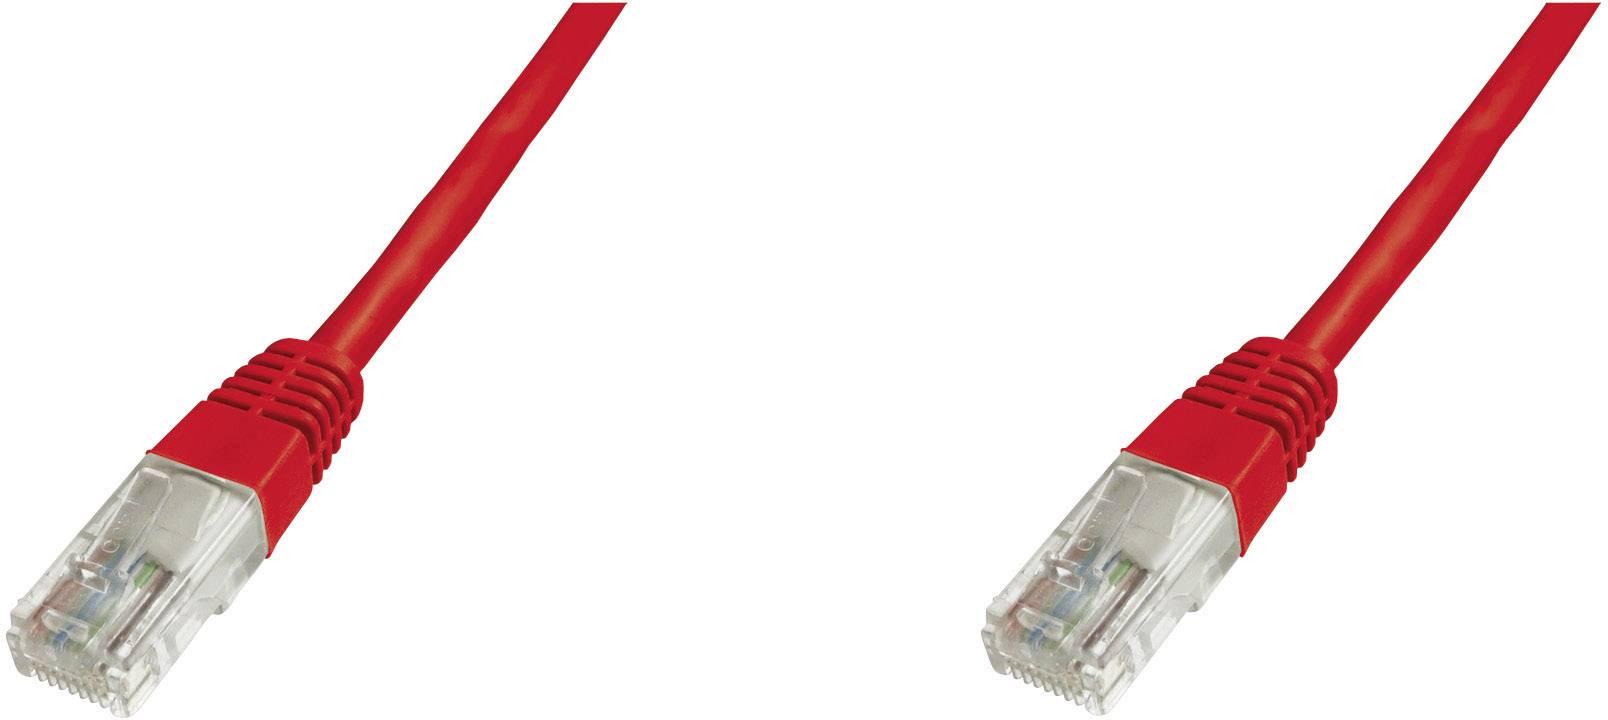 Patch kabel CAT 5e, U/UTP RJ 45, vidlice ⇔ vidlice, 1 m, červený